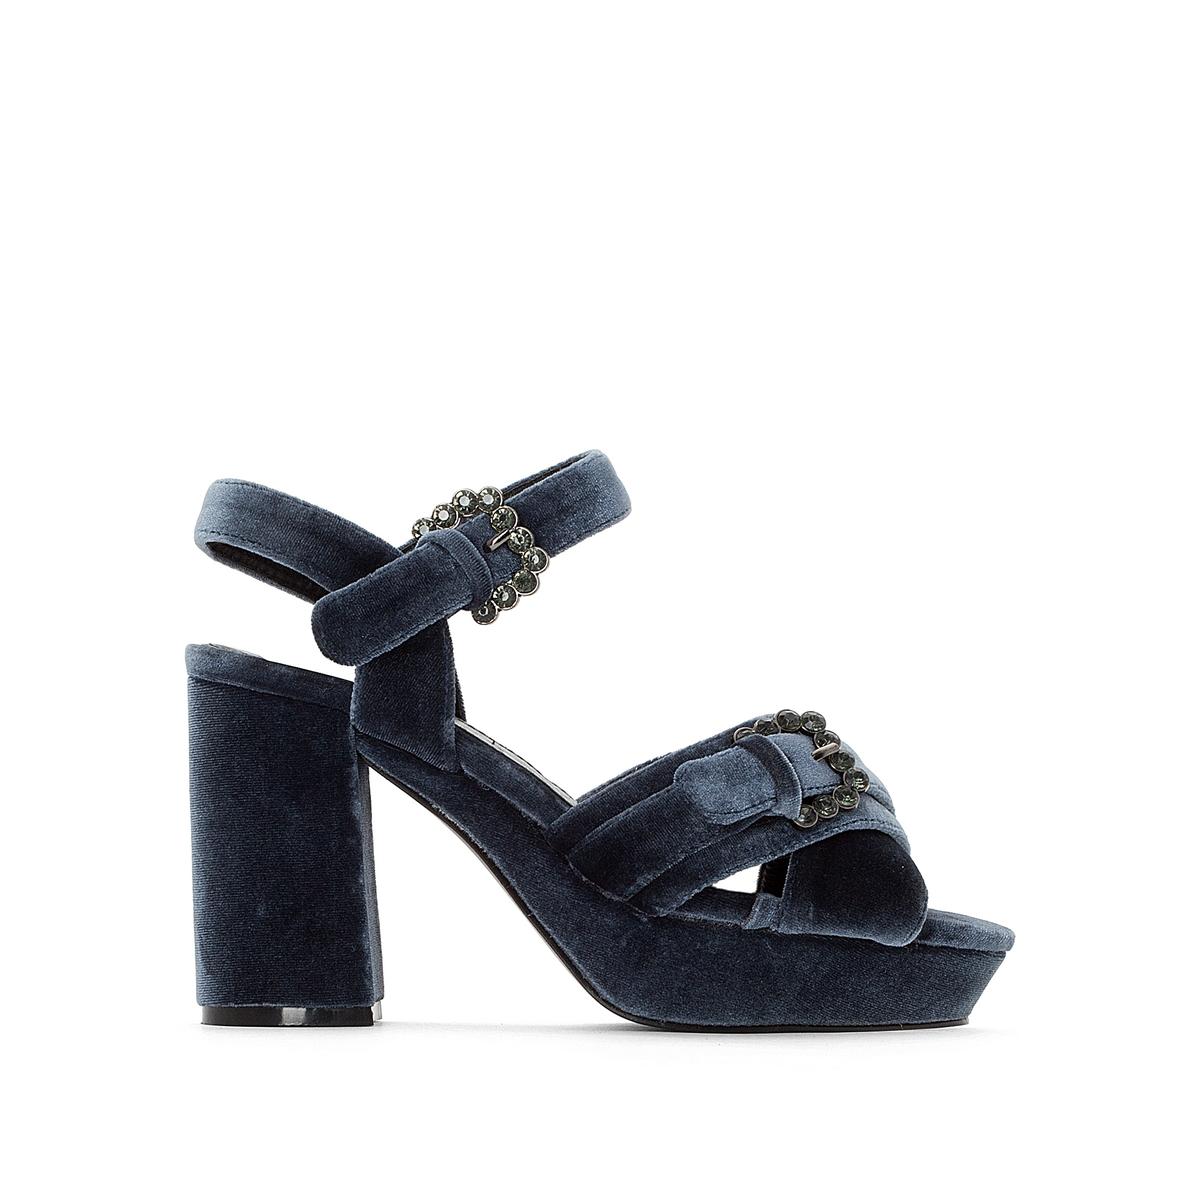 Sandálias em veludo com tacões altos, fivelas fantasia